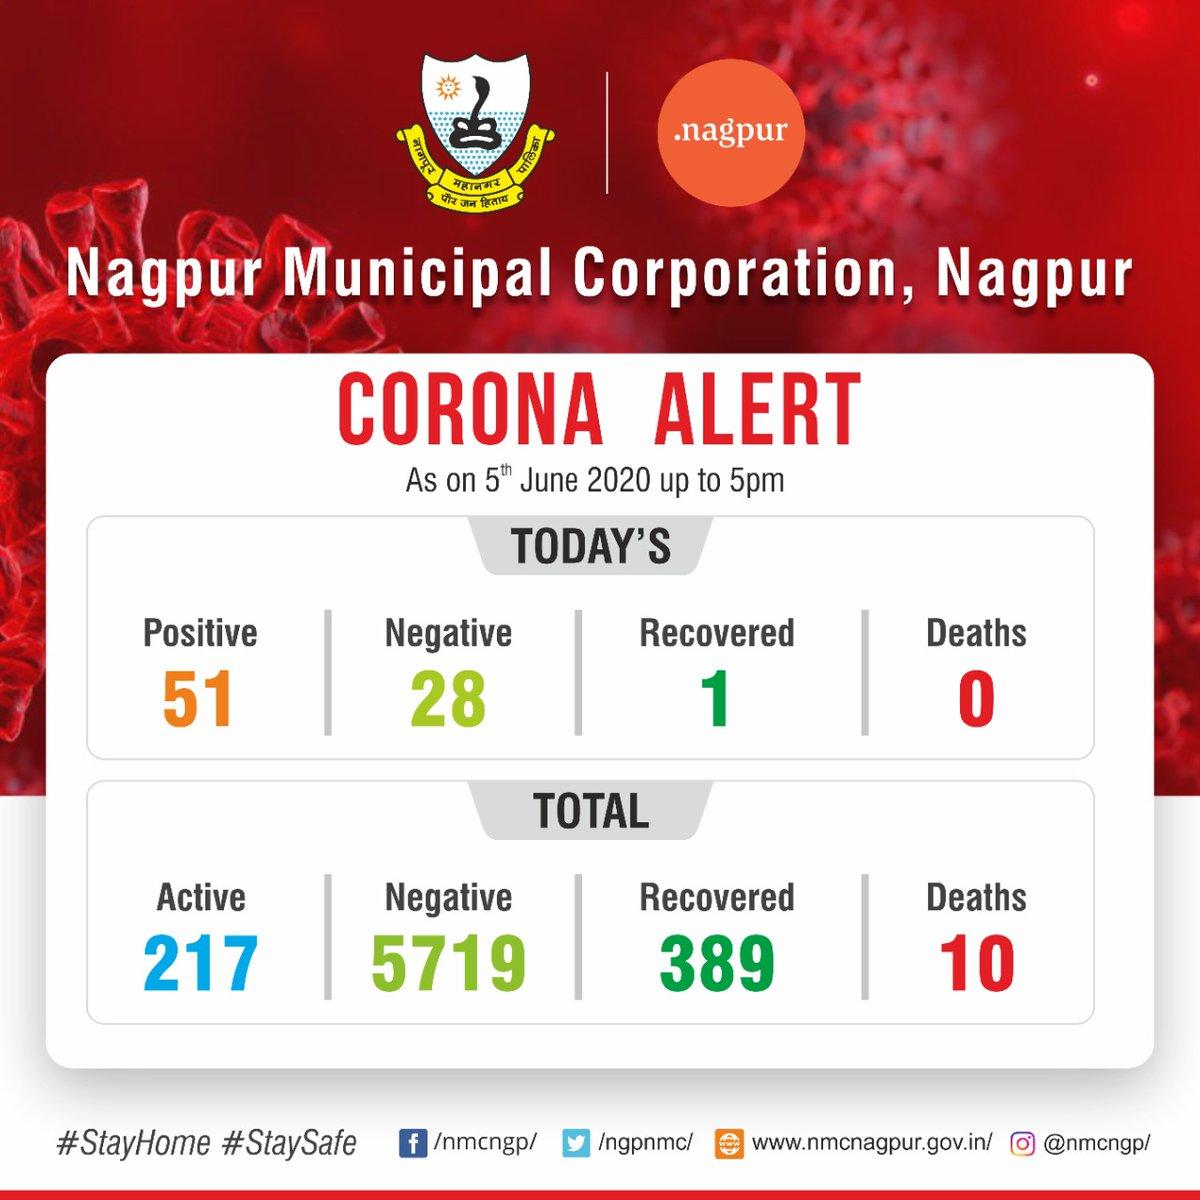 NMC #Covid_19 alert: total status update of the COVID19 cases as on 05 June 2020 #CoronaUpdatesInIndia #WarAgainstVirus #IndiaFightsCoronavirus https://t.co/ZFOQZlYYUJ